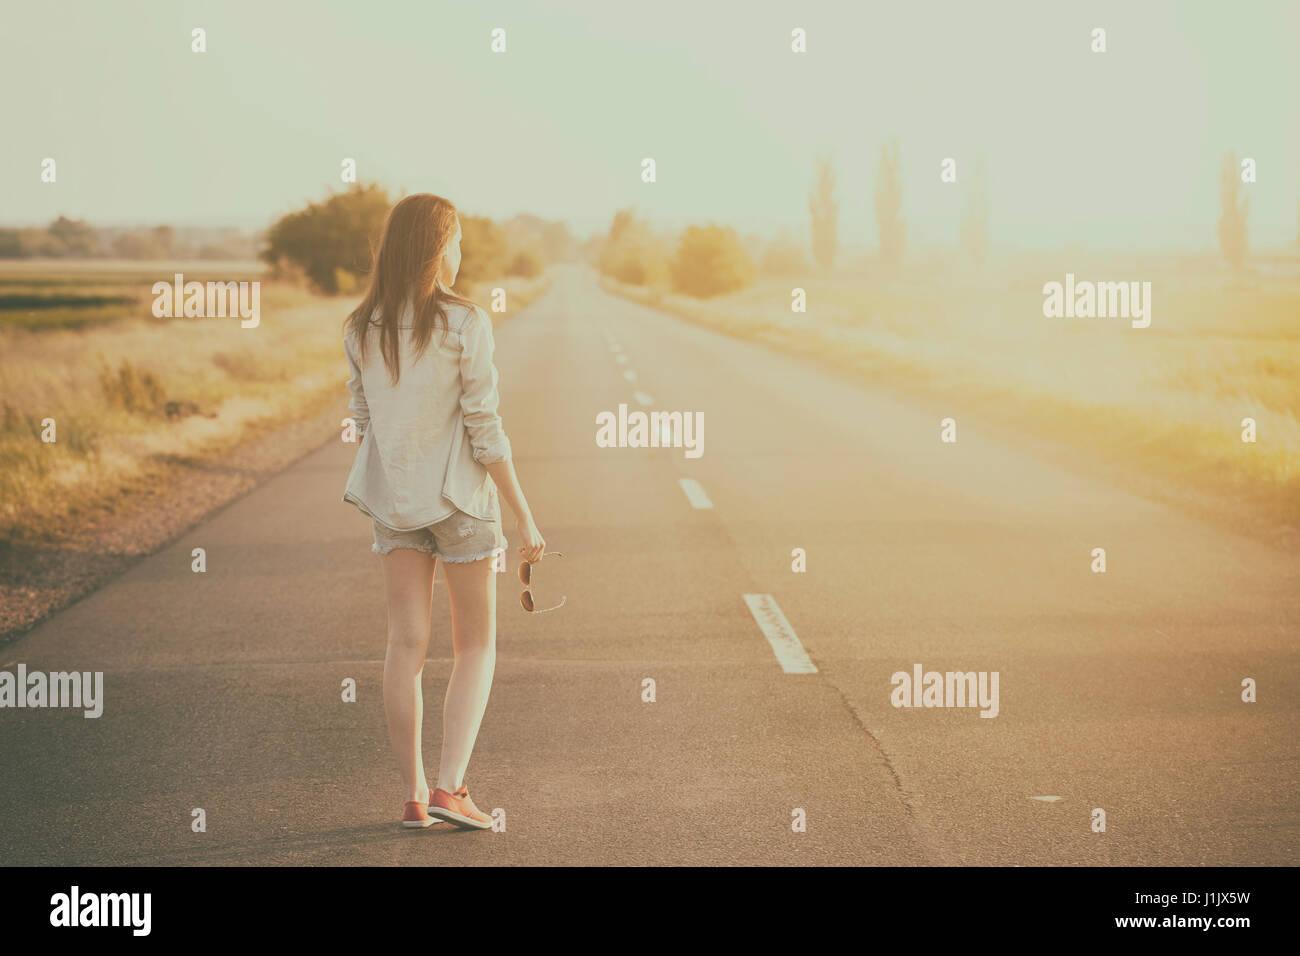 Hitchhiker-Frau auf der Straße im Sommer Sonnenuntergang Stockbild